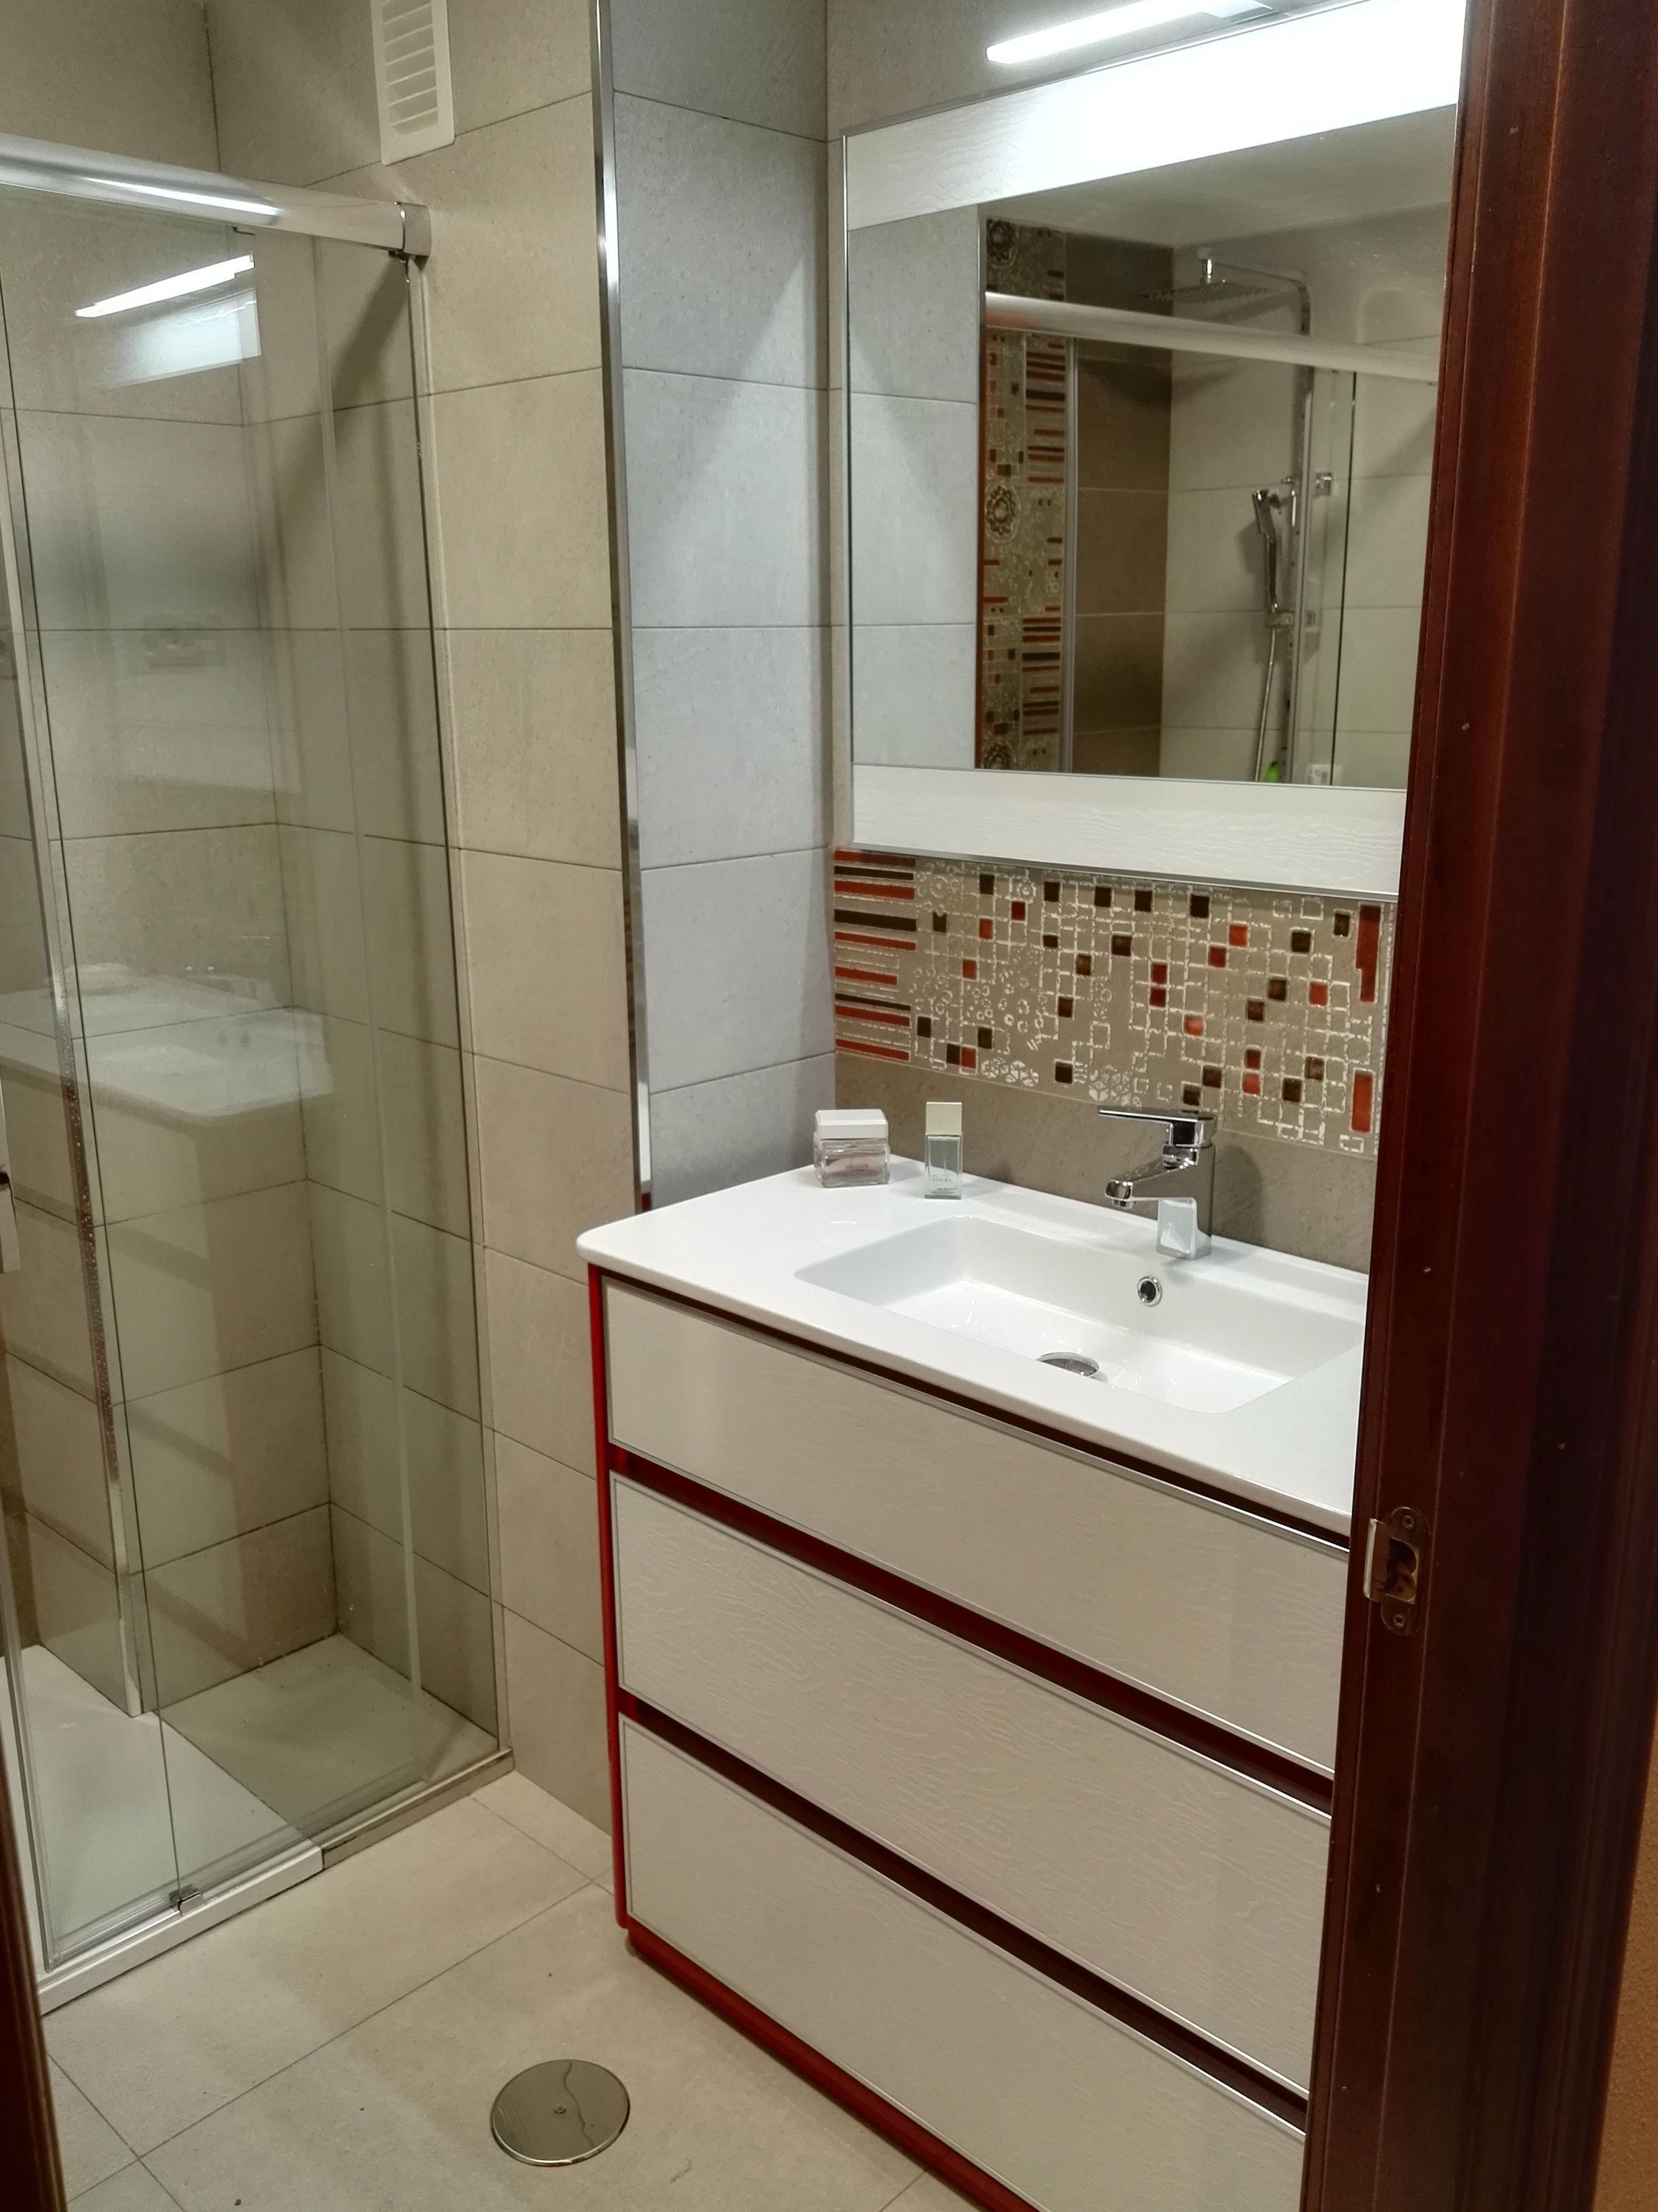 Foto 61 de Reformas en baños y cocinas en Trobajo del Camino   F. Alba, cocinas y baños